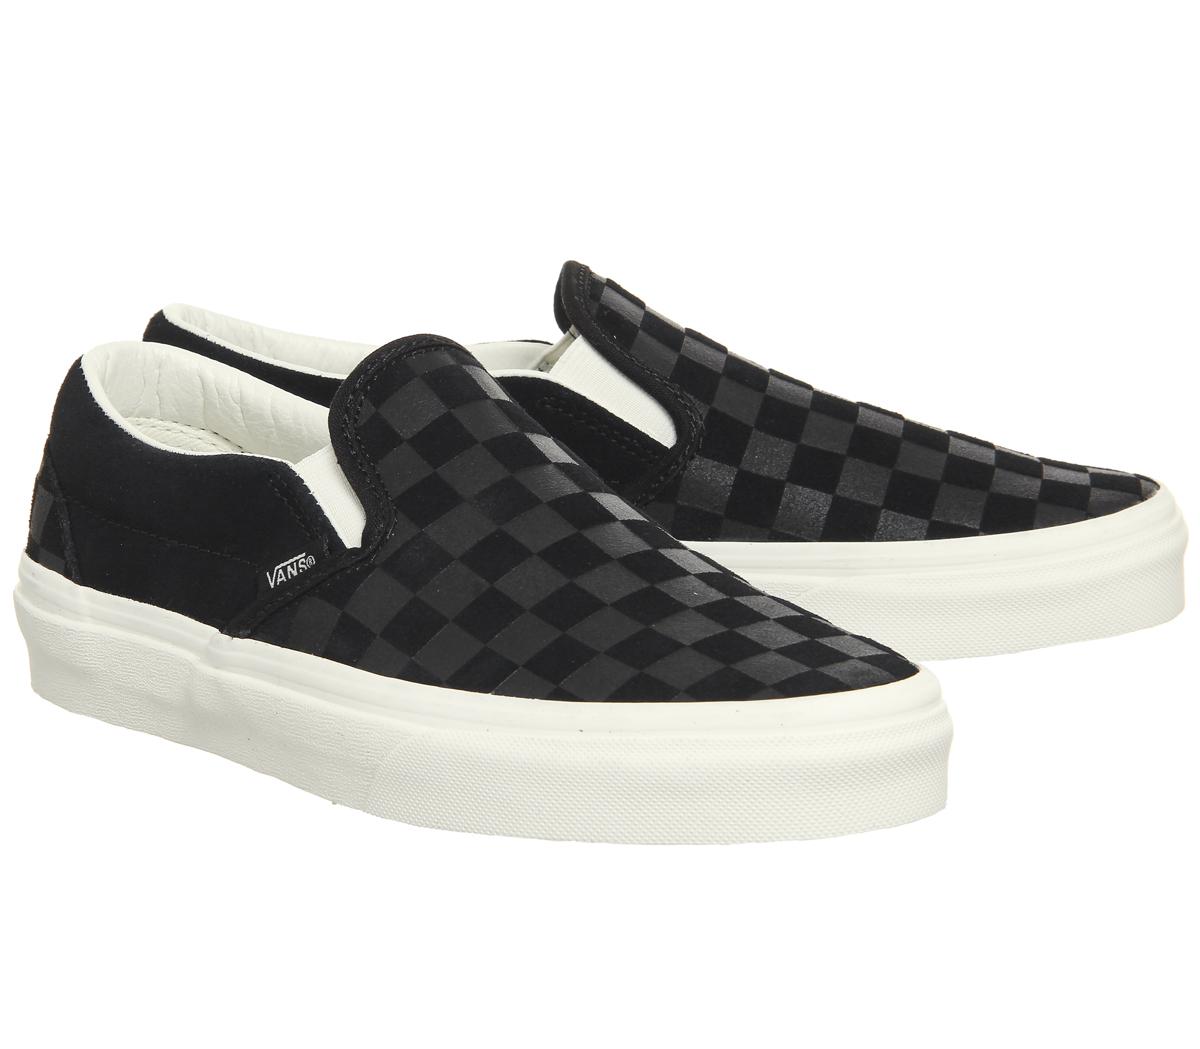 Mens Vans Vans Classic Slip On Trainers Black Marshmallow ... da65999e2